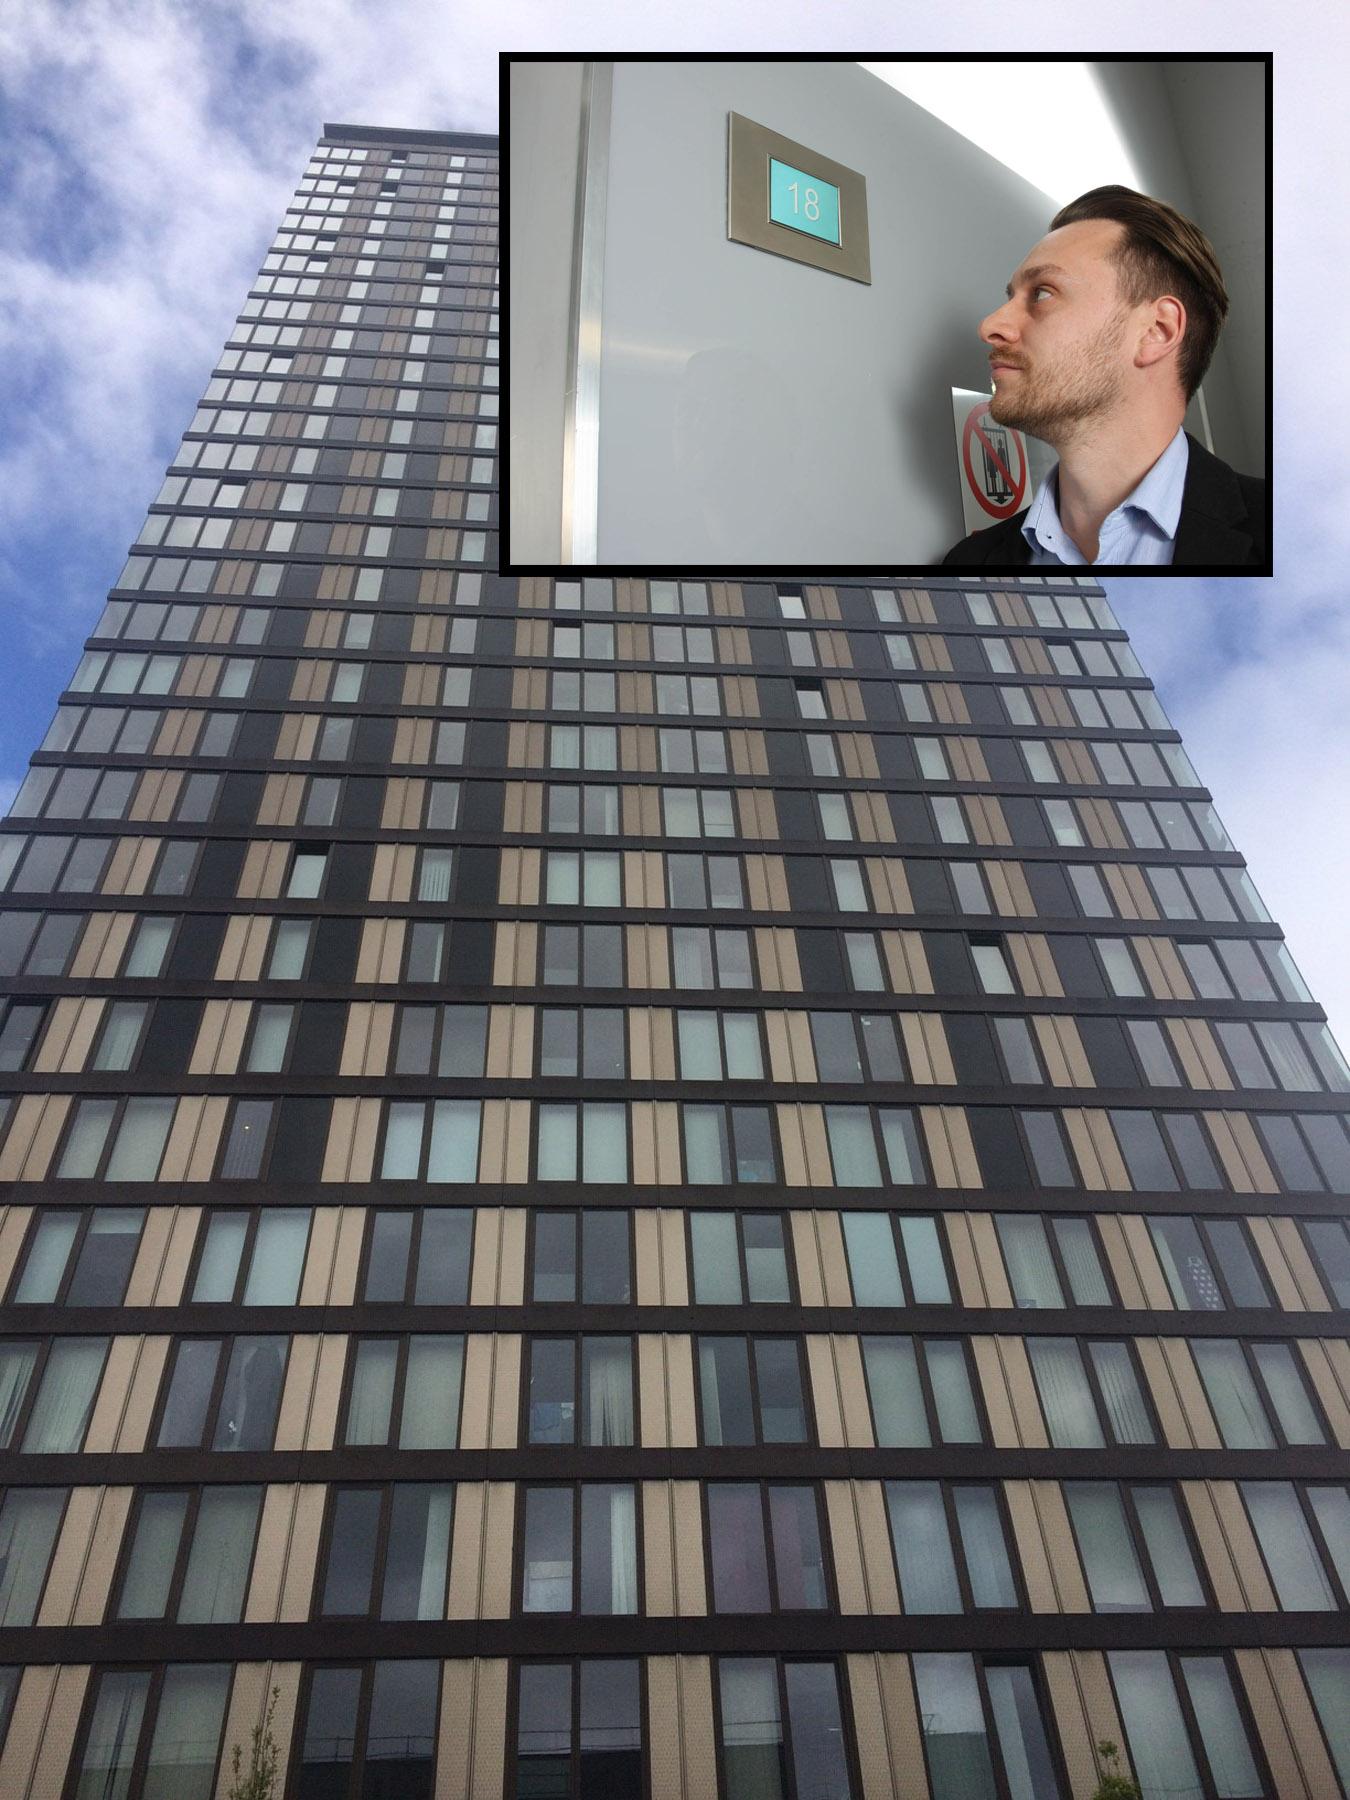 英国谢菲尔德地标大楼升级使用欧捷液晶显示器